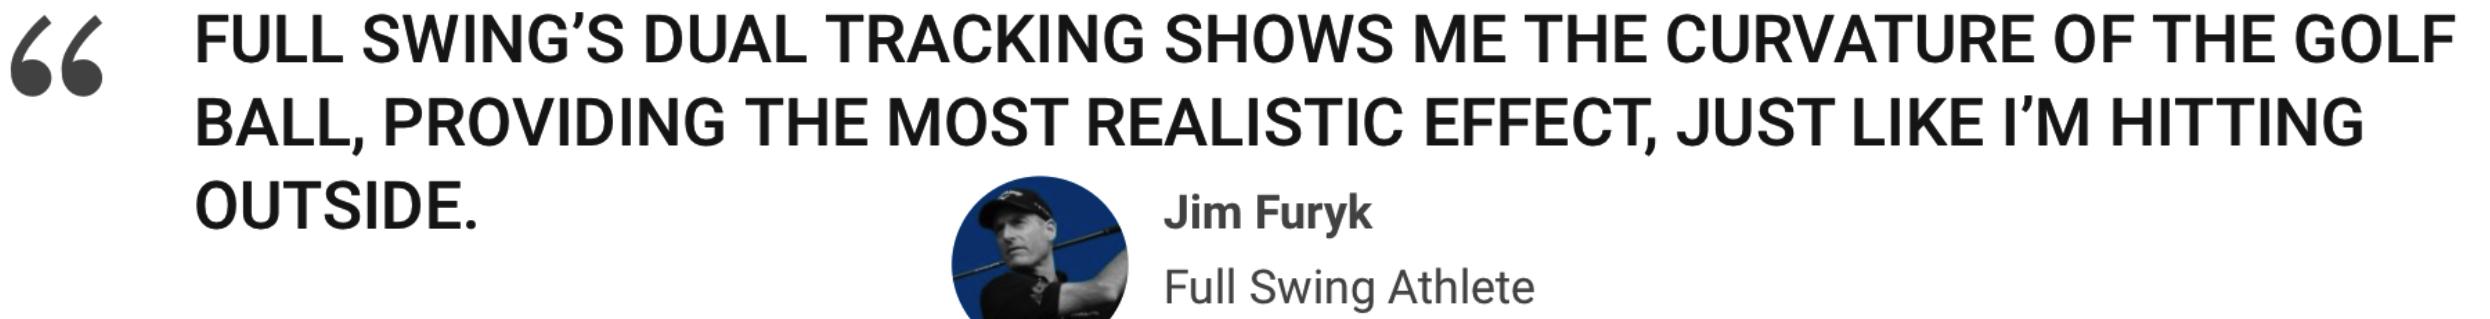 Jim Furyk Full Swing Simulator